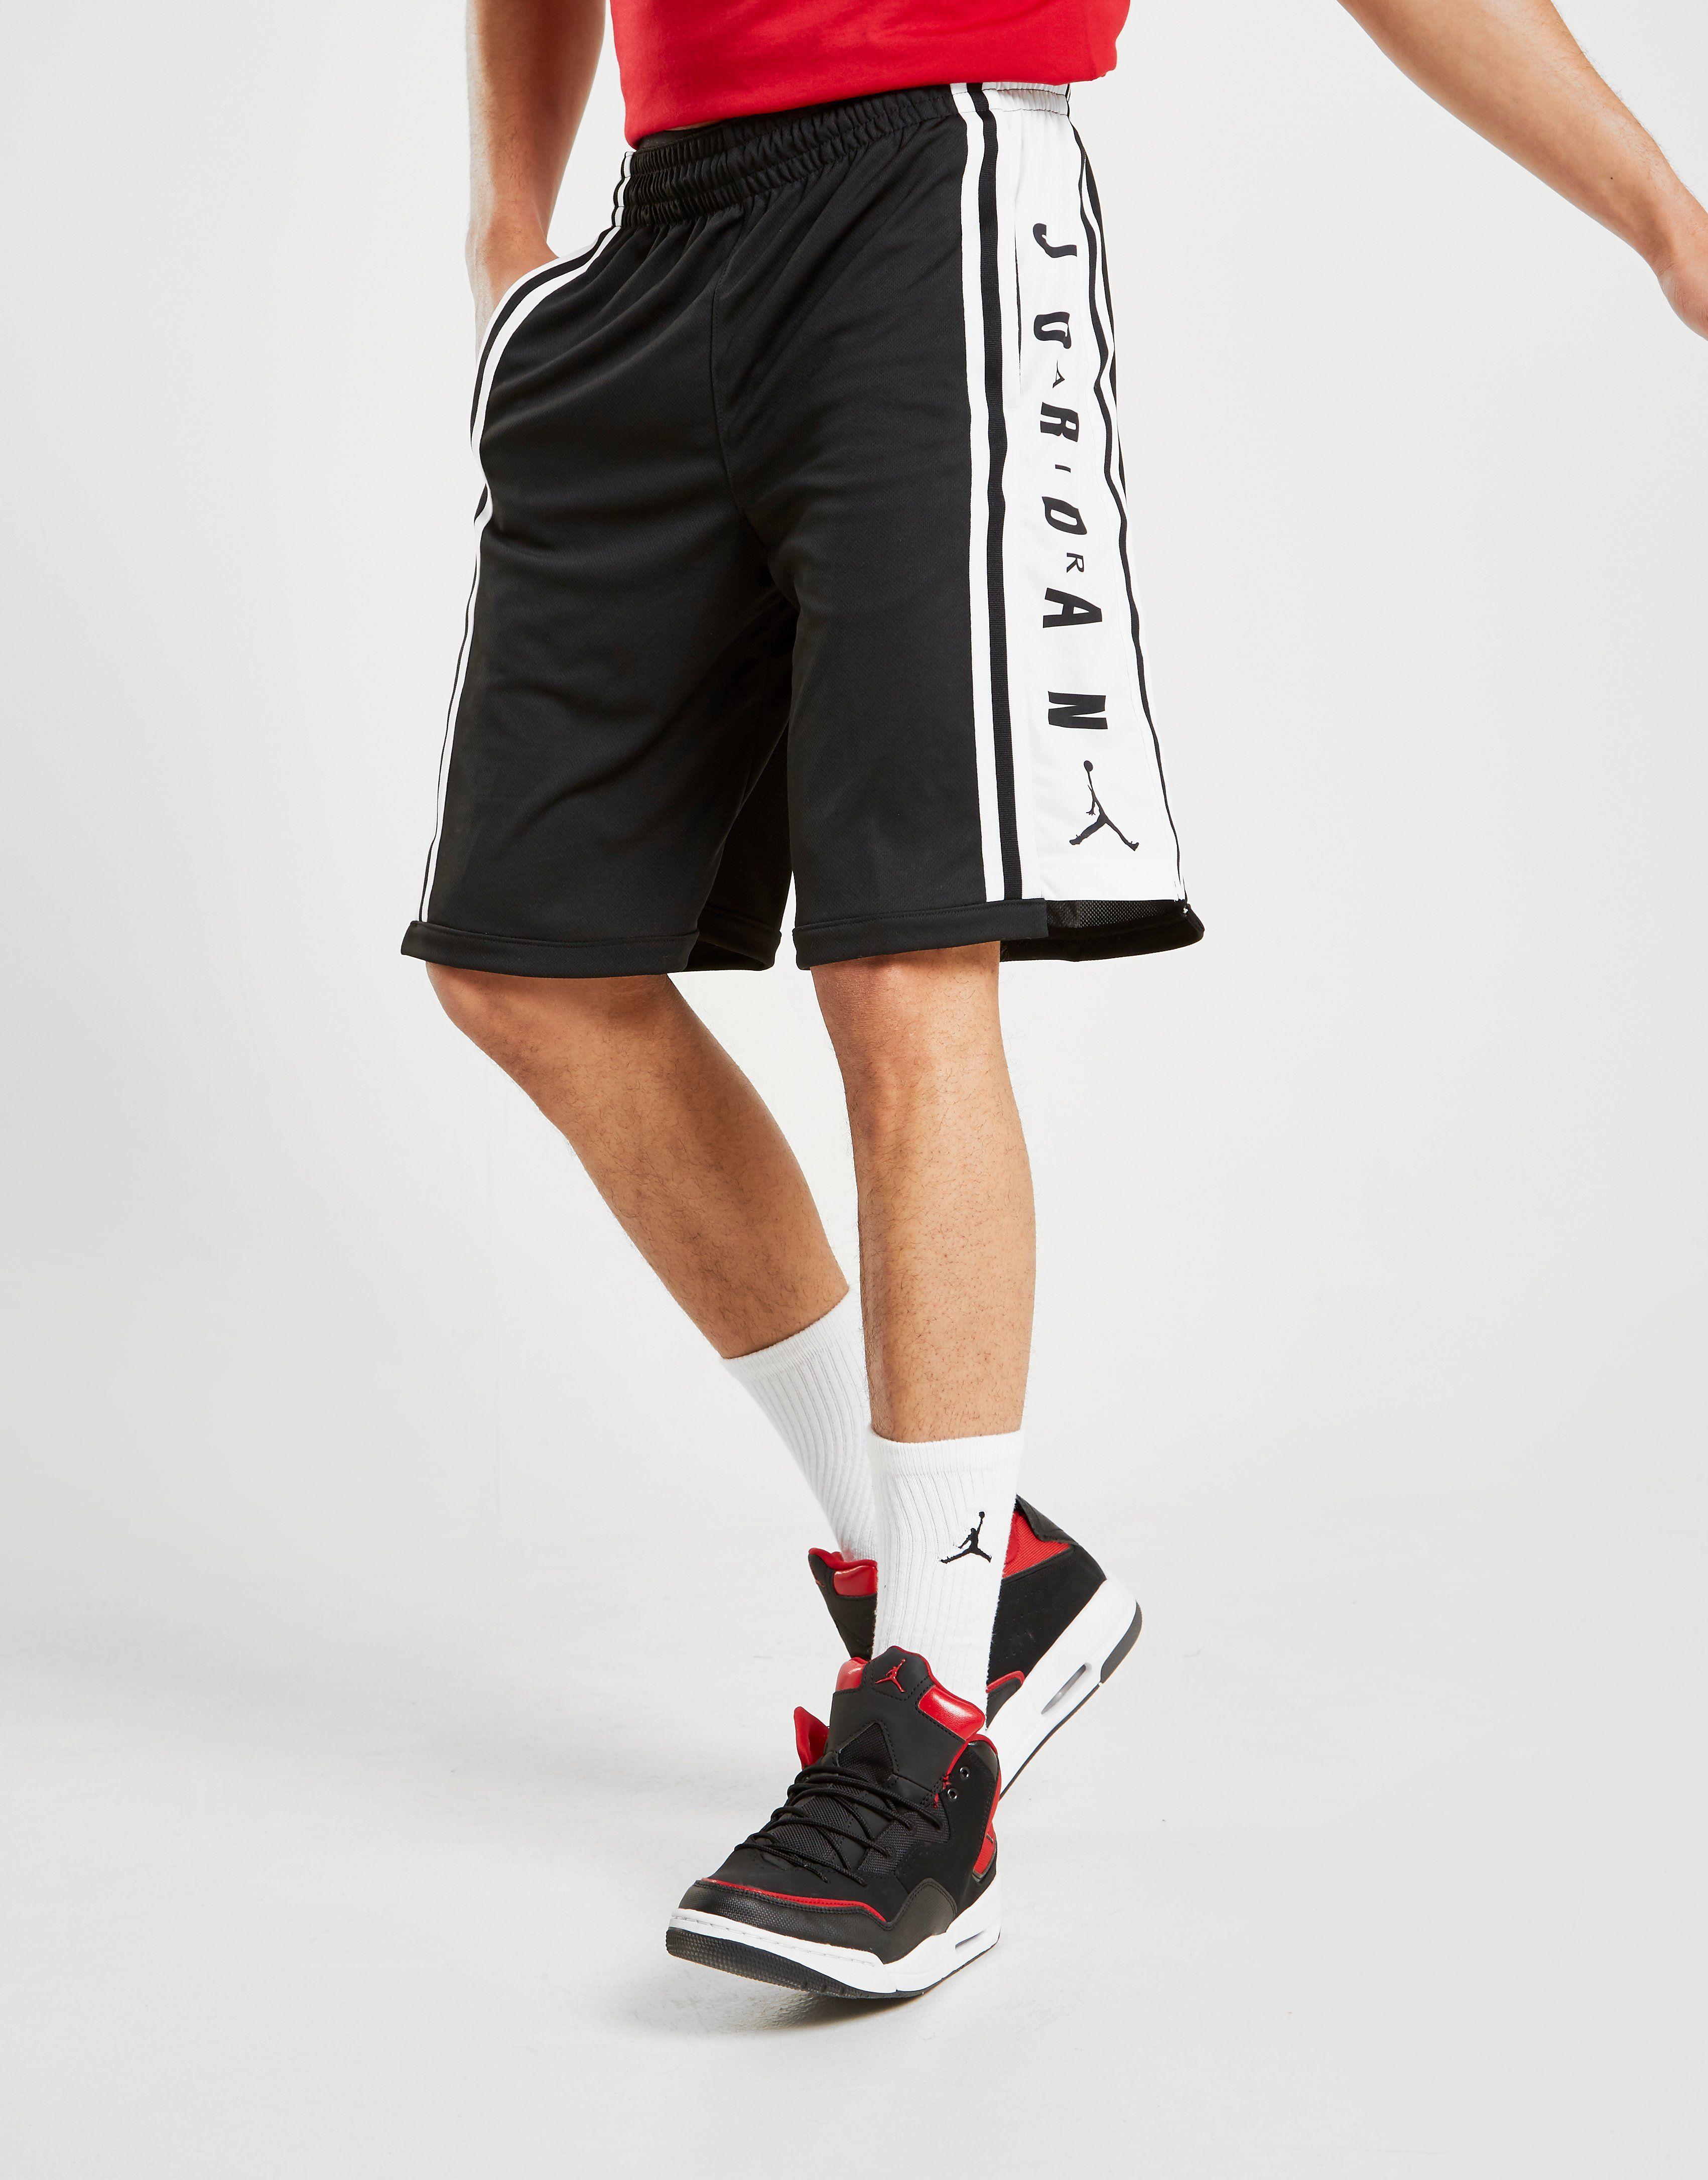 Jordan Short Hybrid Homme